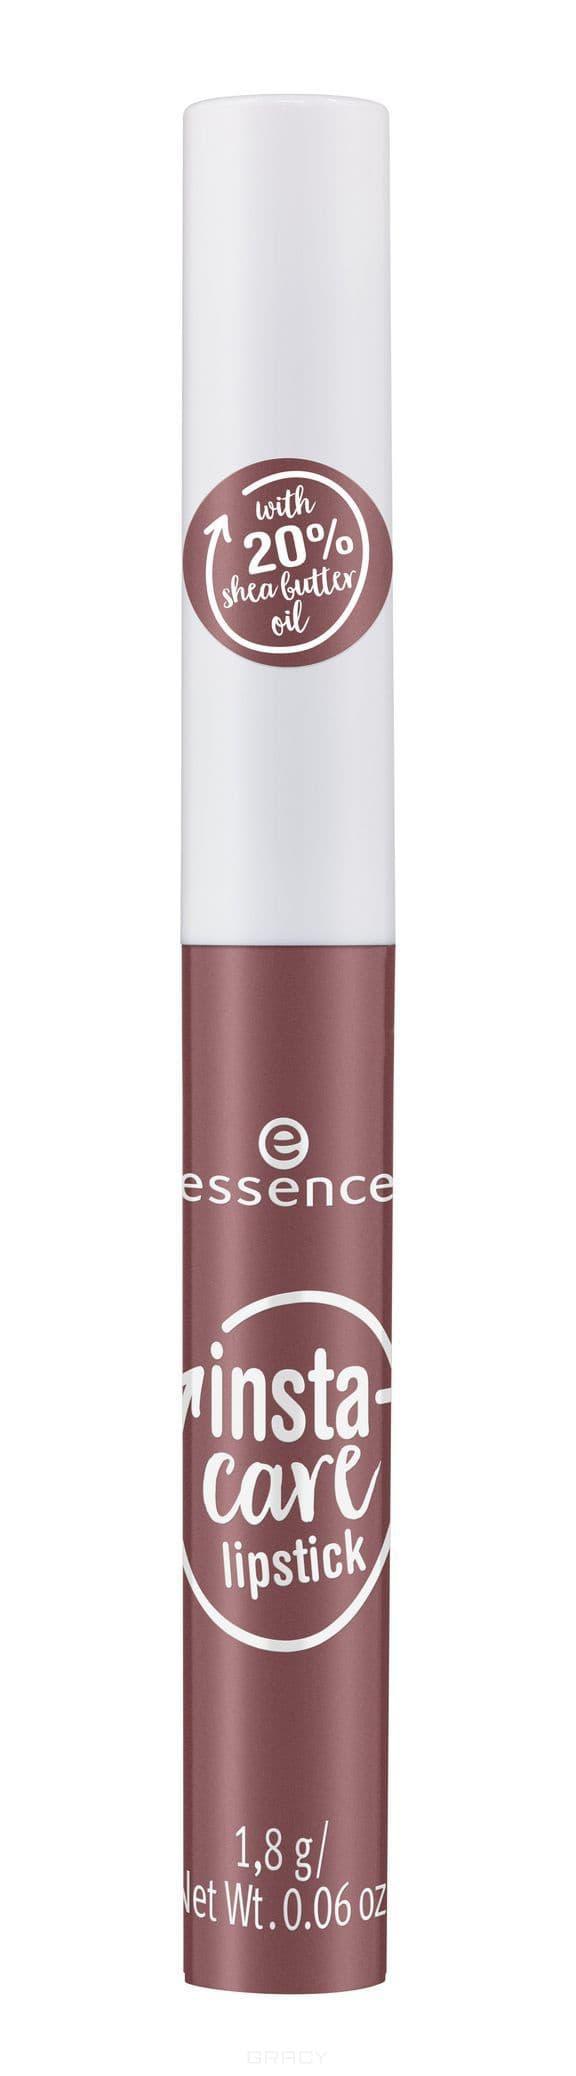 Купить Essence, Губная помада Insta-Care, 1.8 гр (6 тонов) №02, пурпурно-коричневый